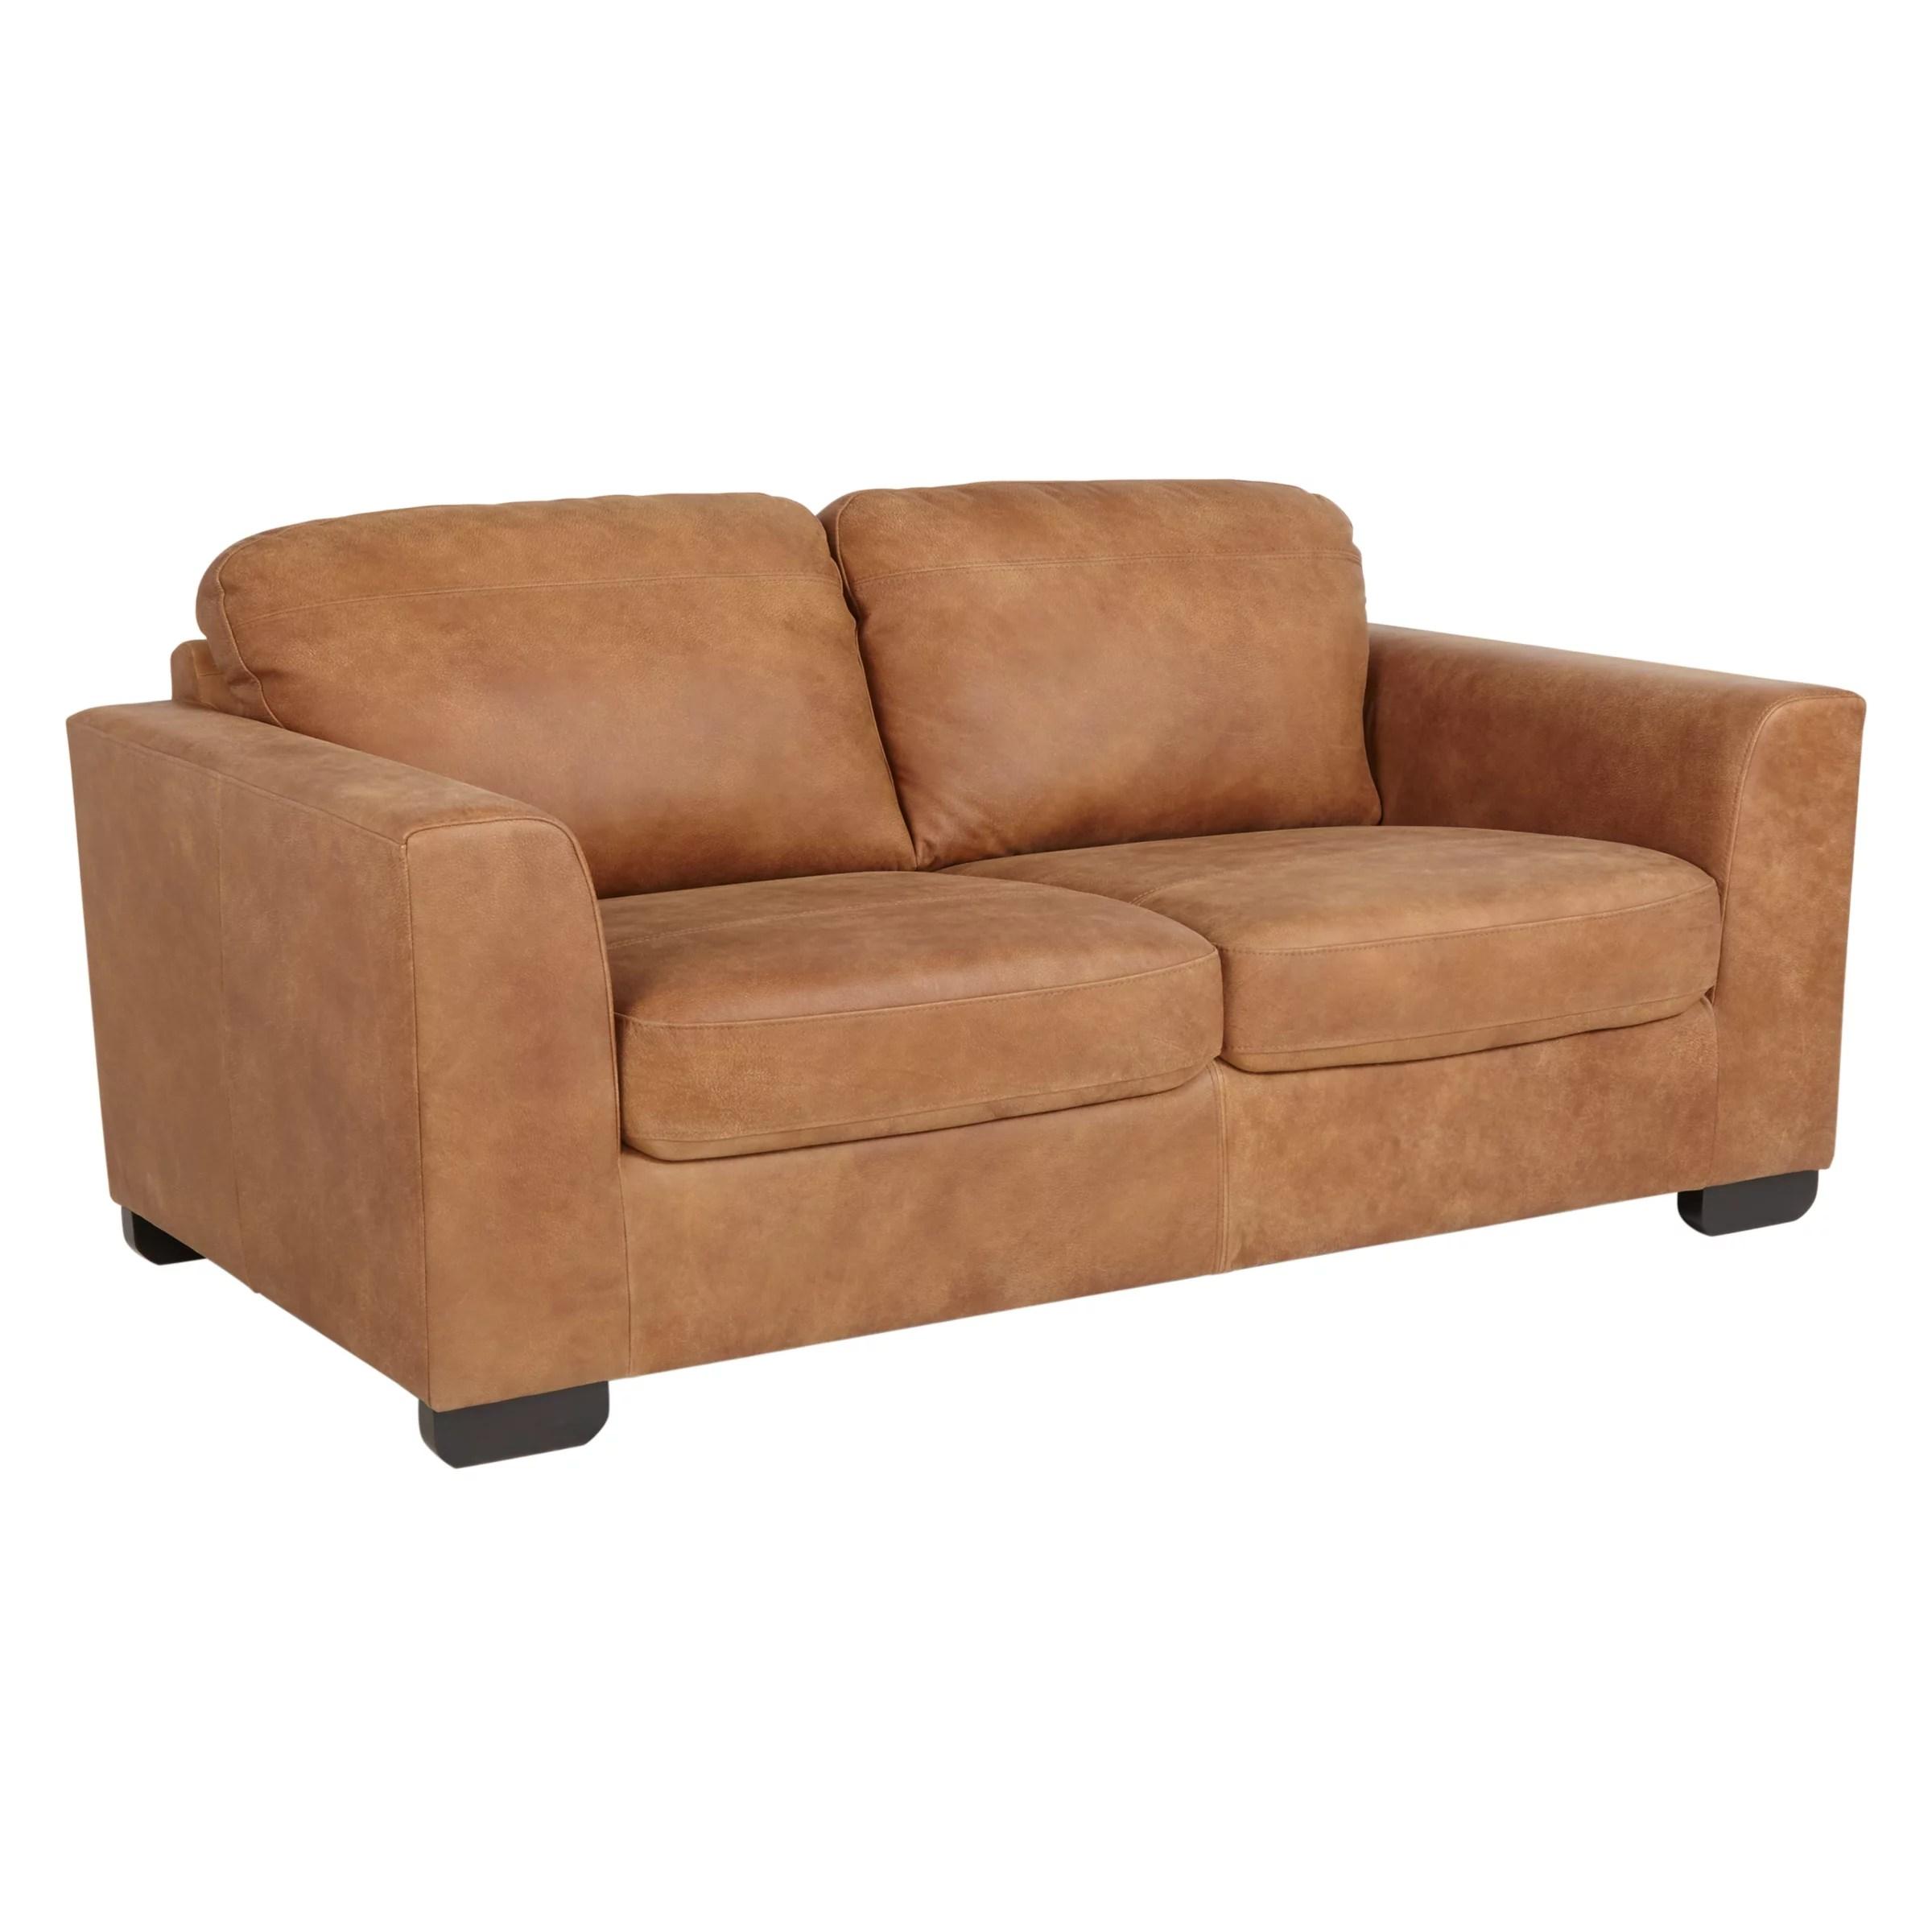 next quentin sofa bed review furniture set online india john lewis cooper large 3 seater dark leg masai brown at buyjohn johnlewis